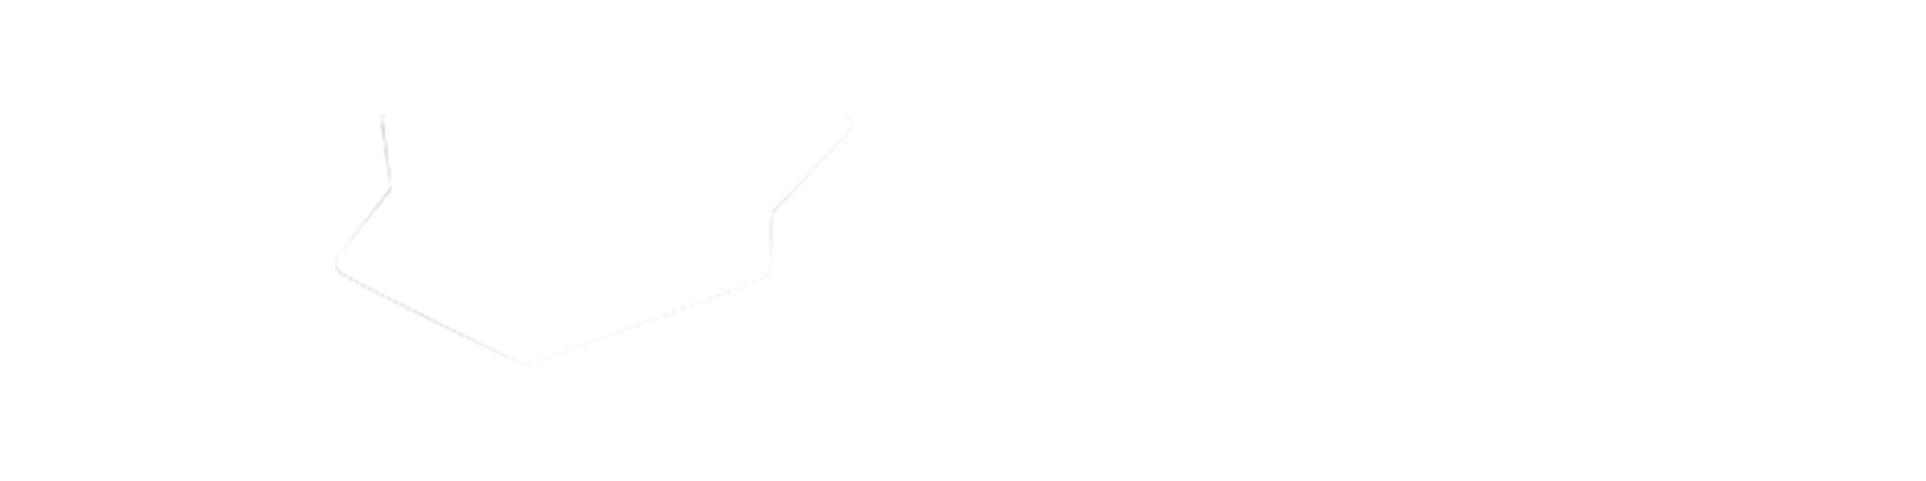 crest-steel-white